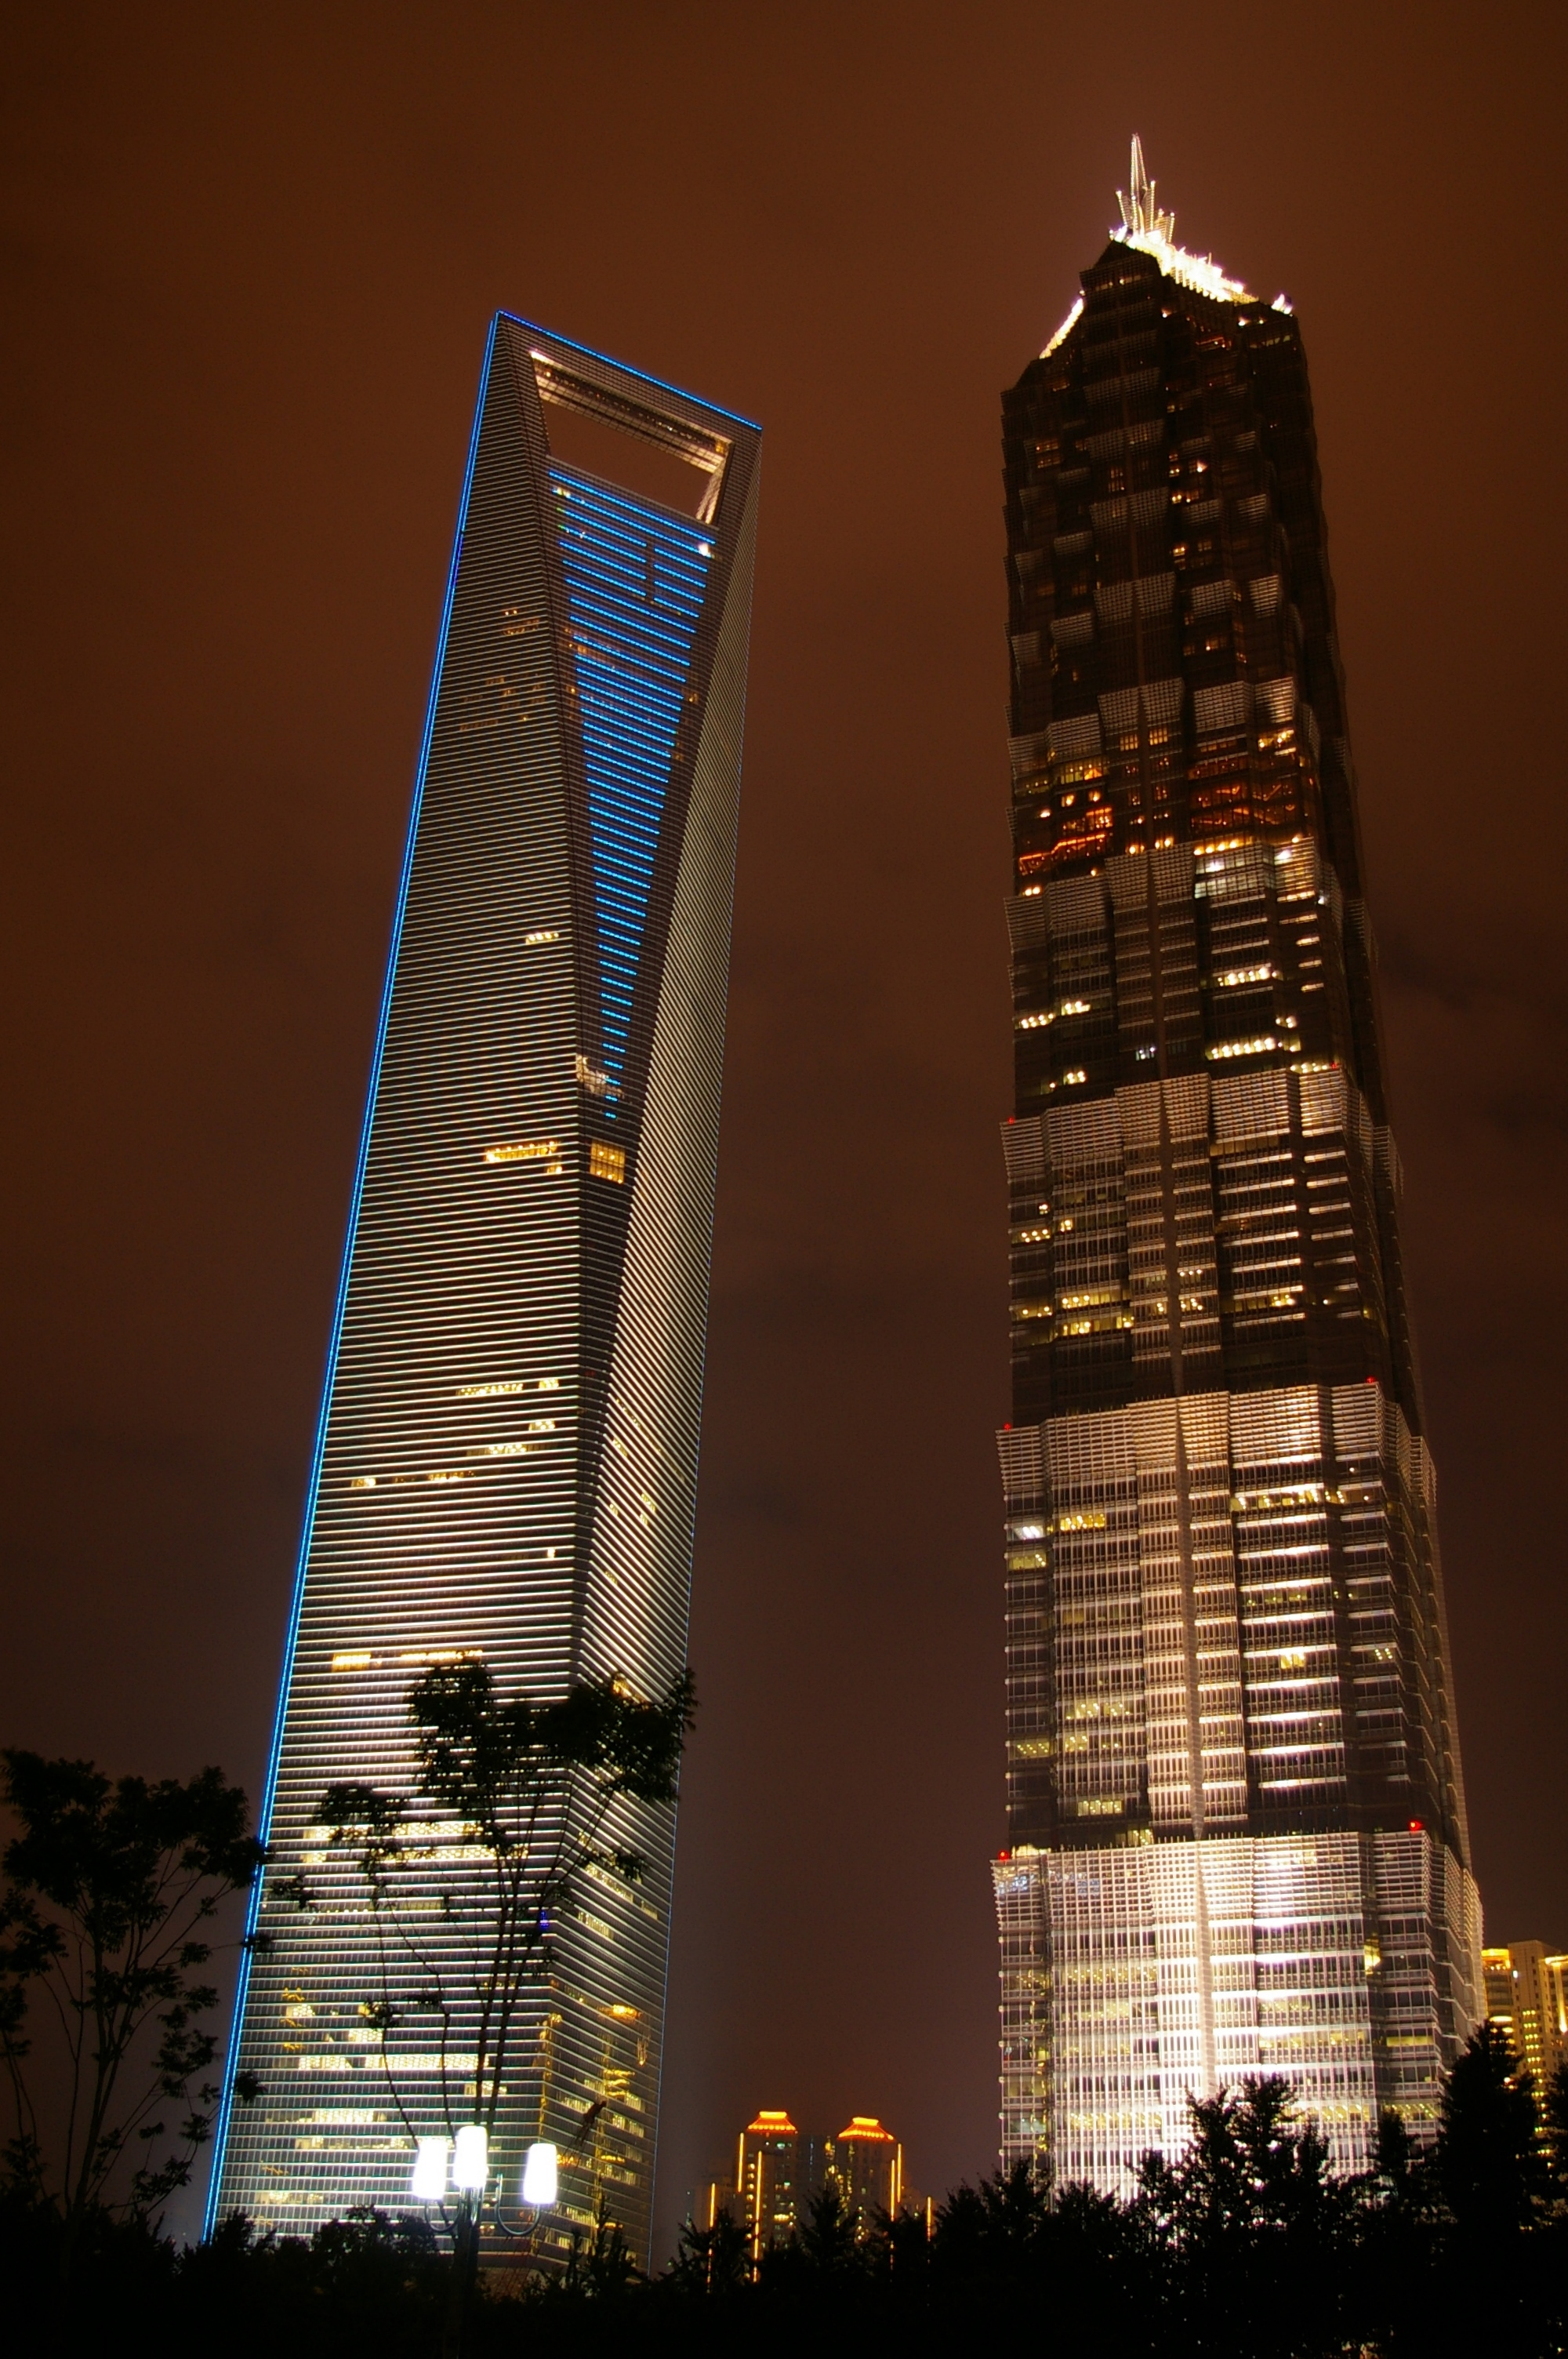 shanghai-world-financial-center commons.wikypedia.org